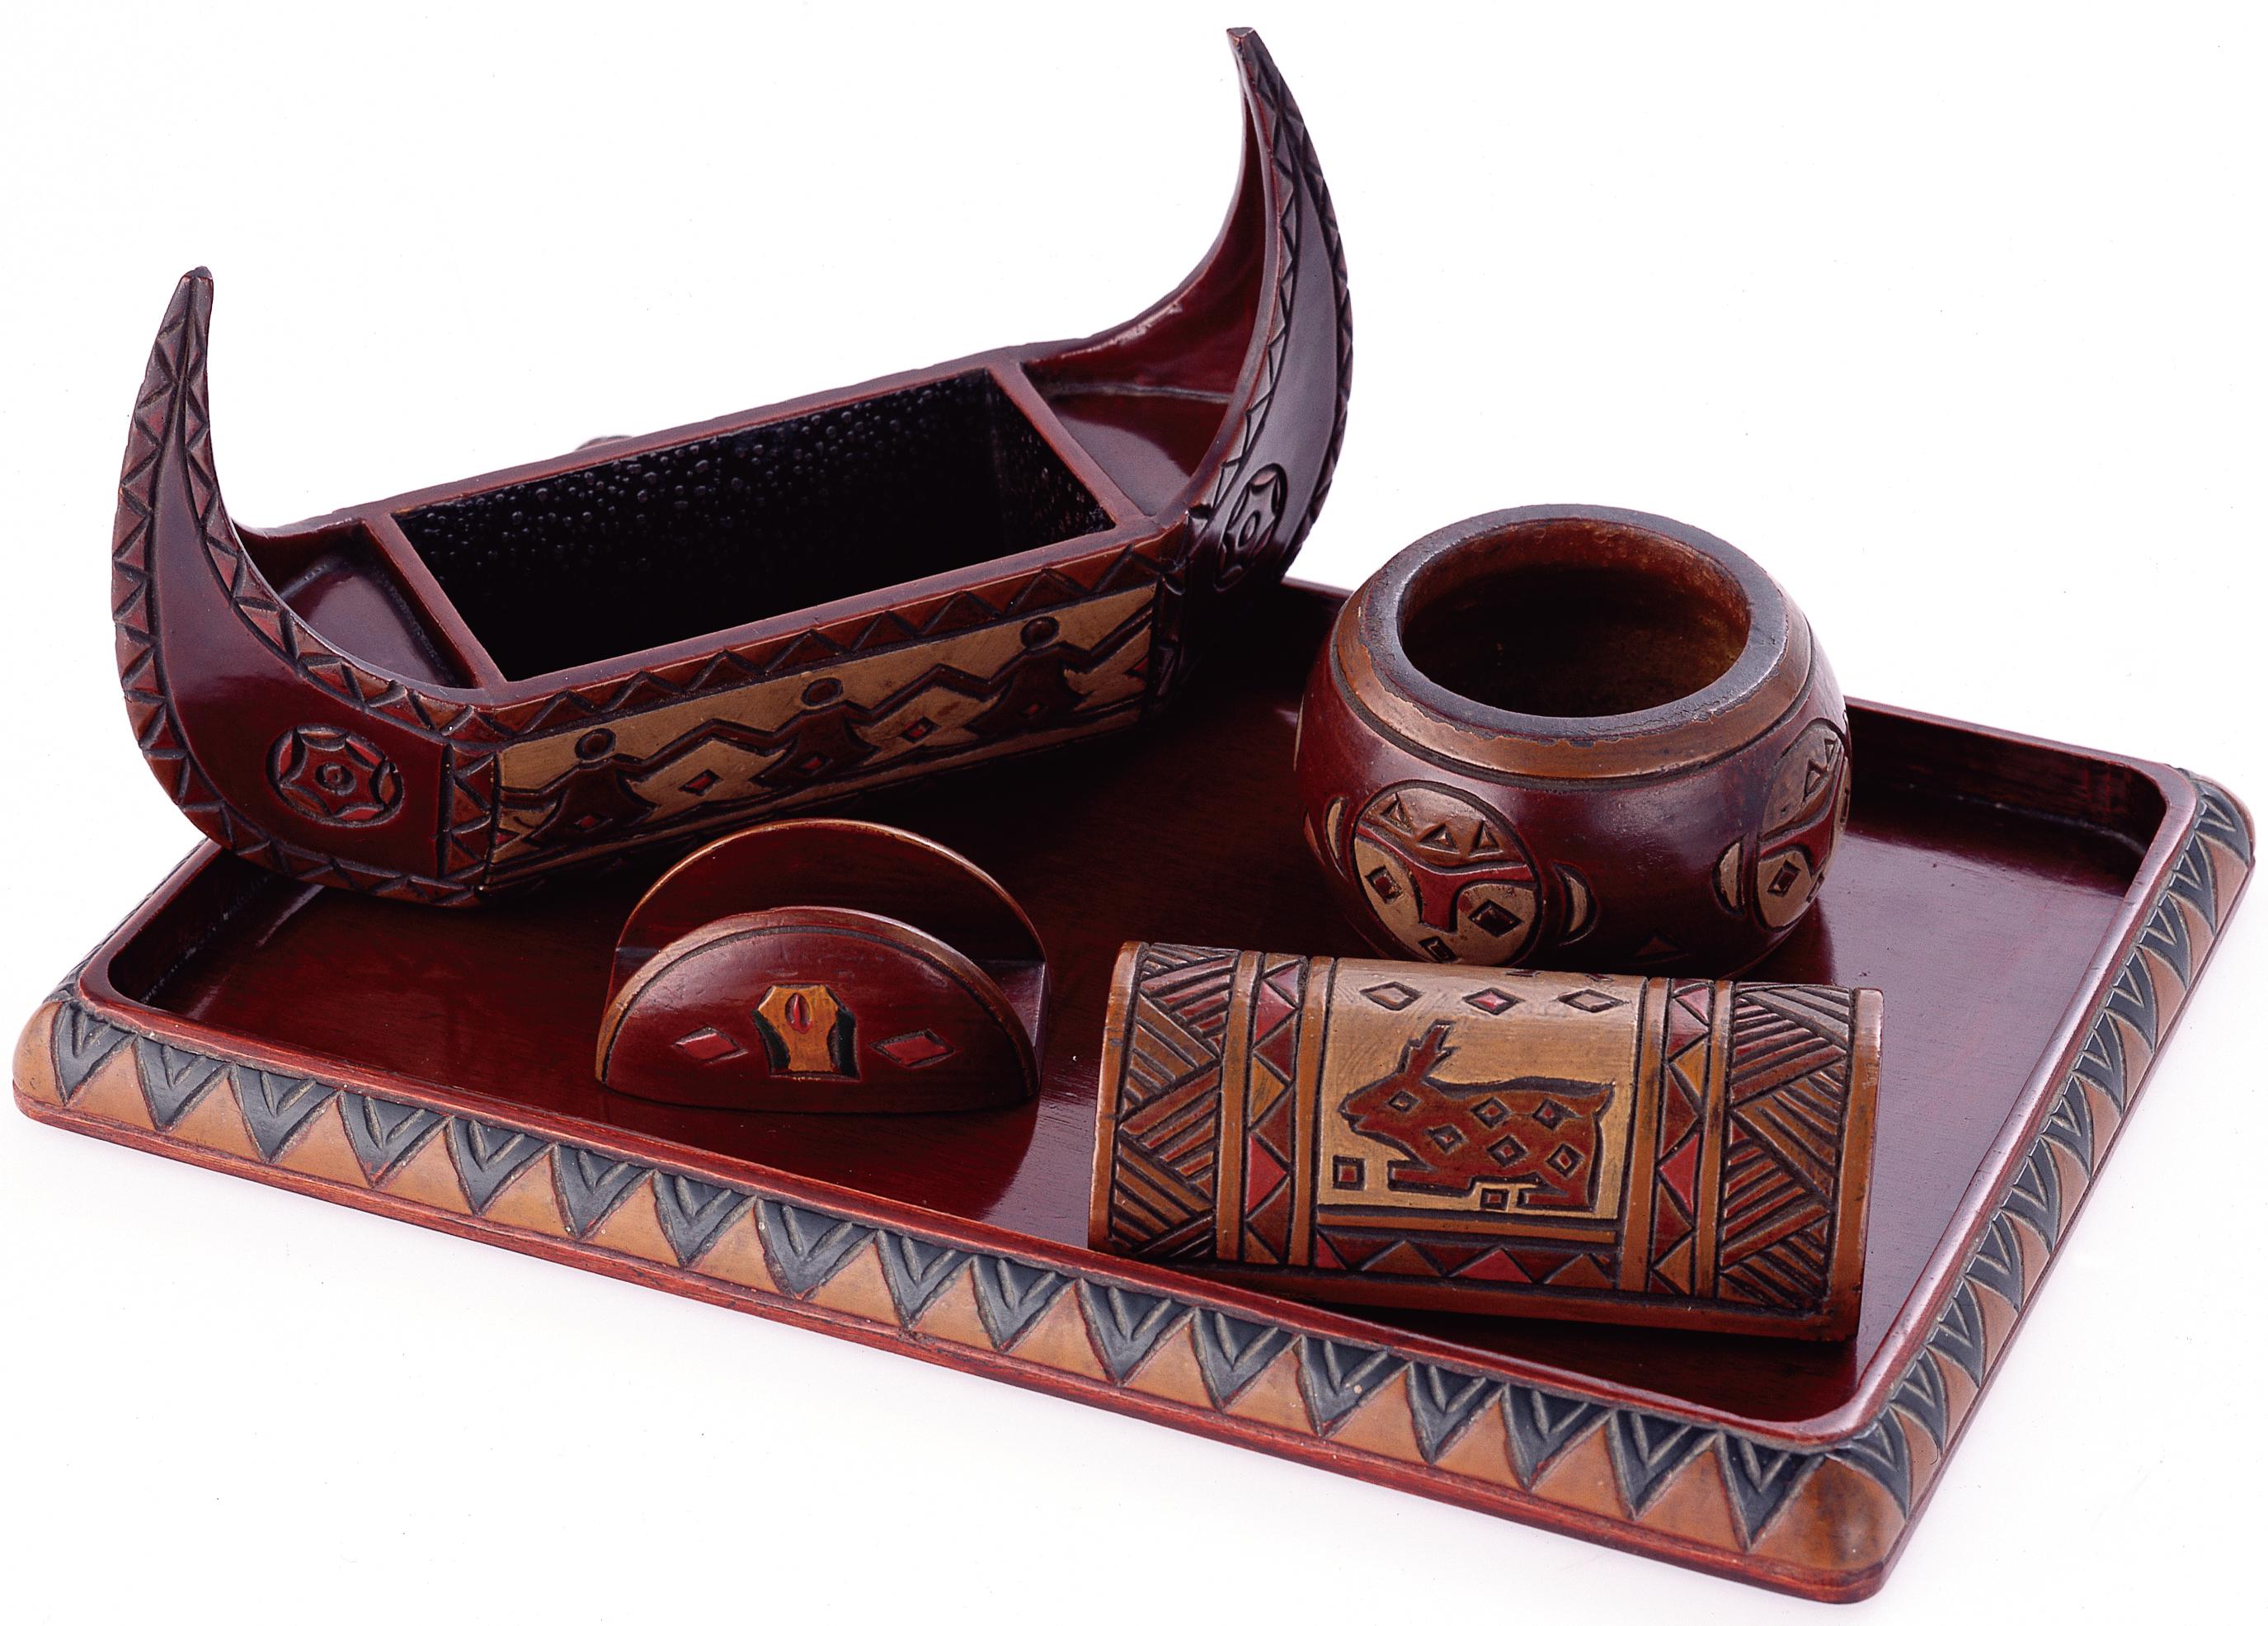 原住民圖騰裝飾帶有有濃厚台灣風情的木雕彩繪煙具組。-01.jpg